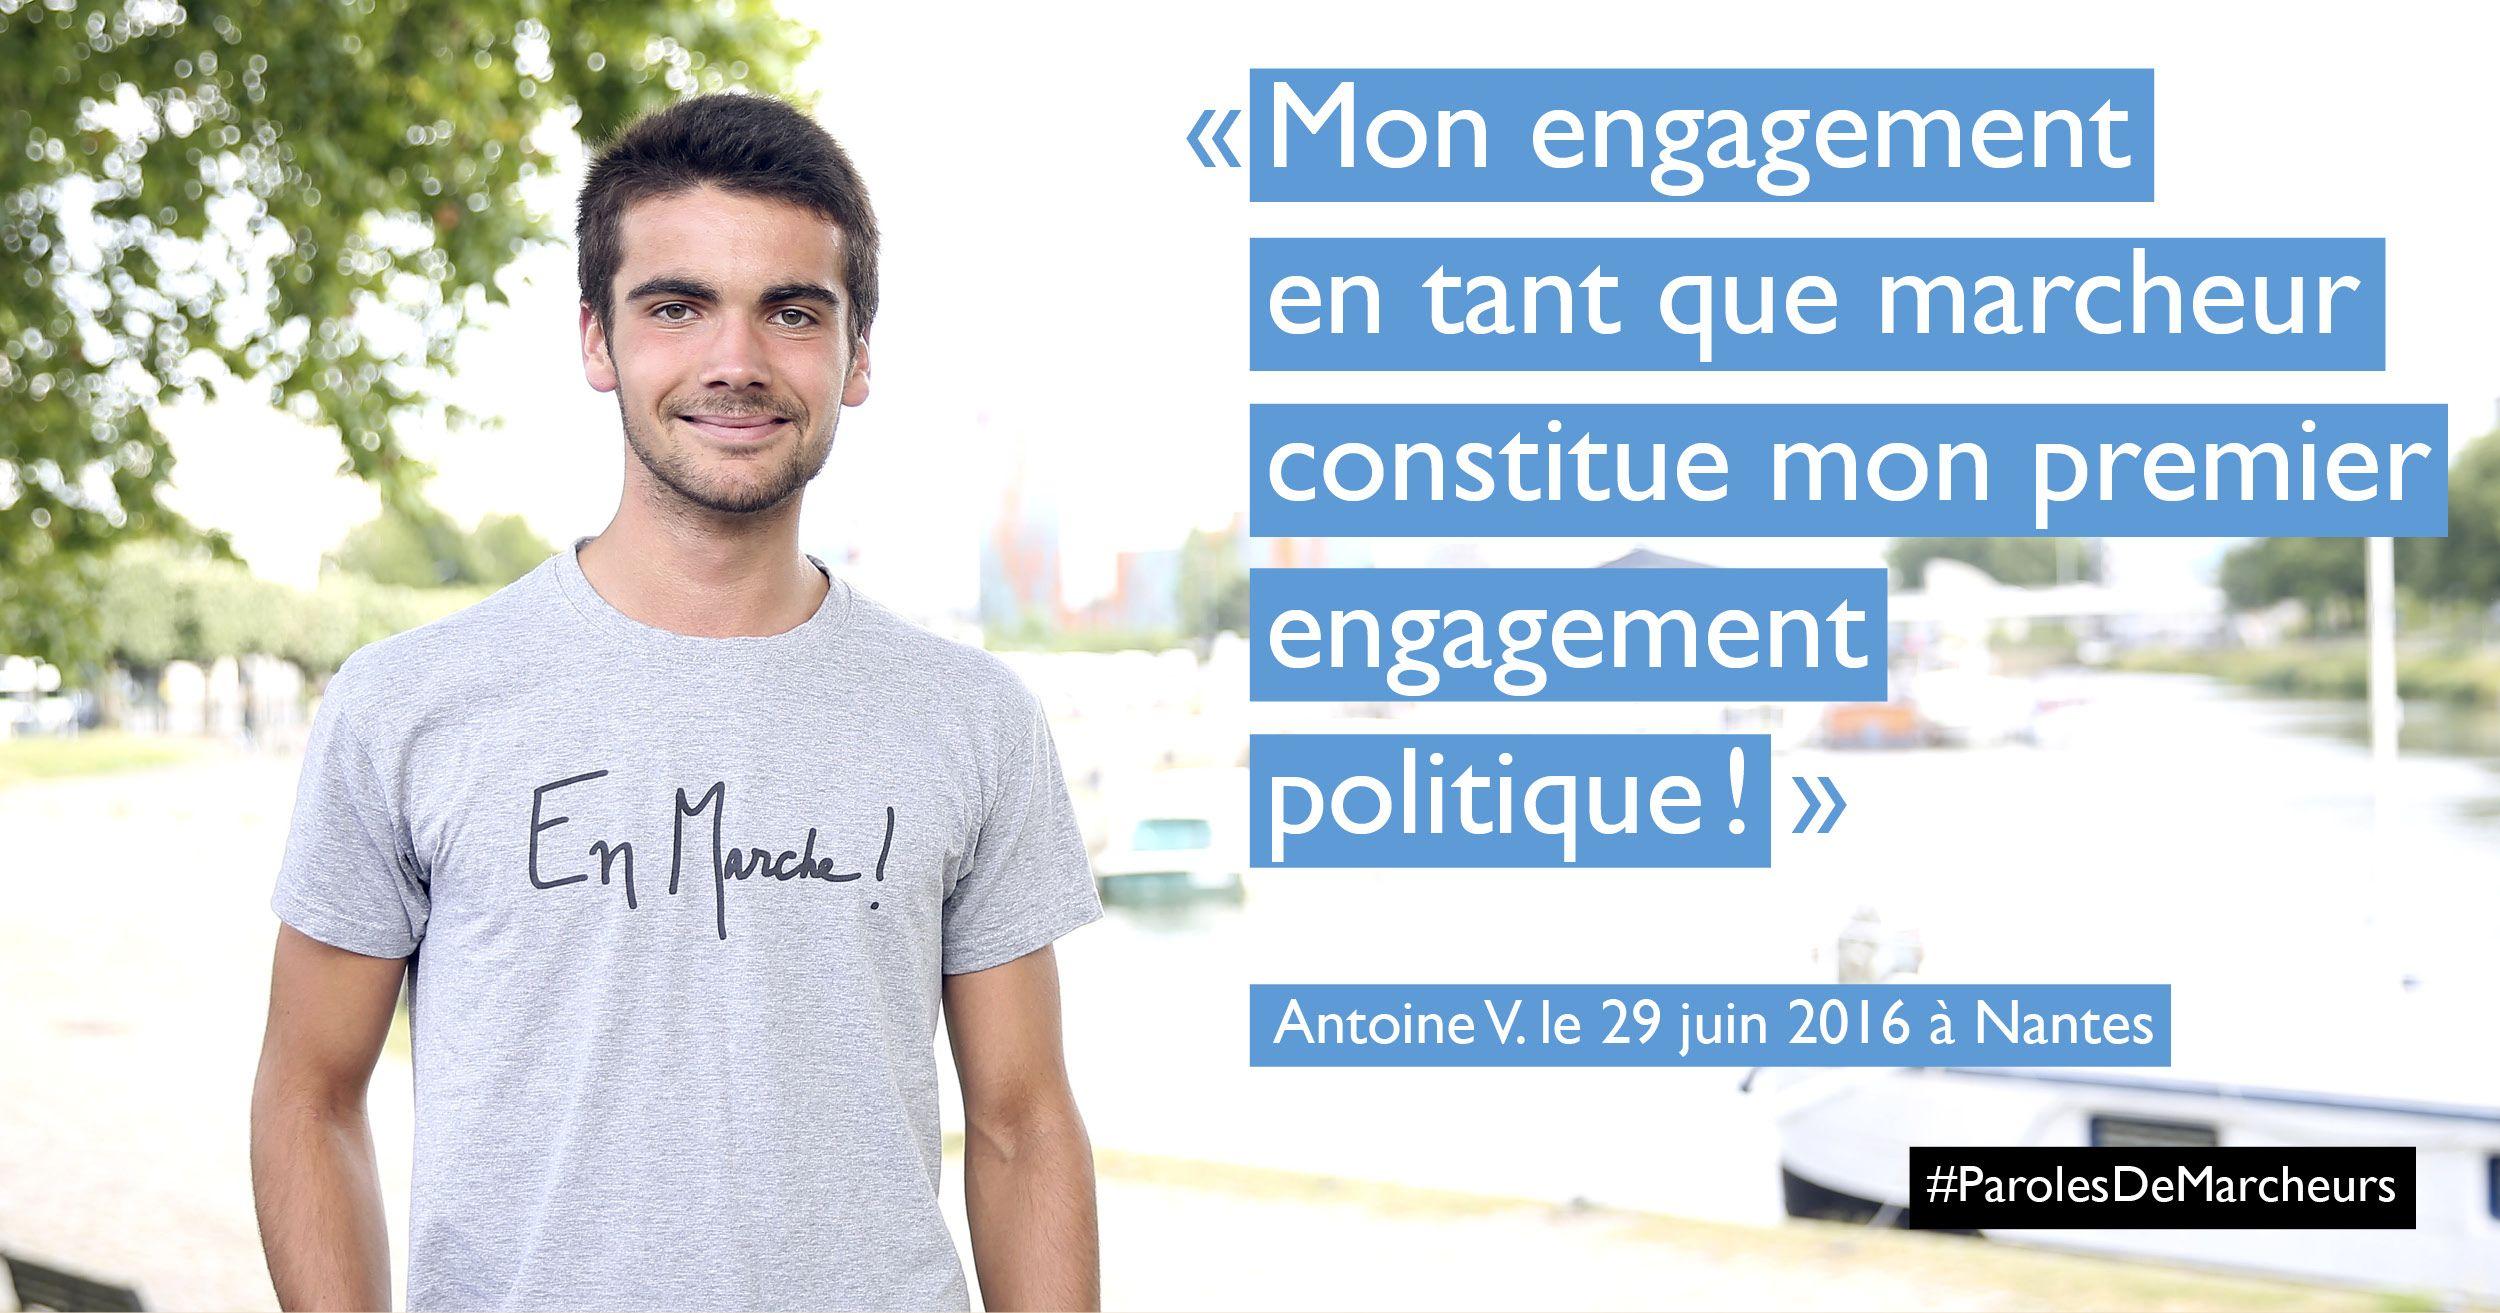 Bonjour, pouvez-vous vous présenter en une phrase? Je m'appelle Antoine, j'ai 17 ans, j'habite à Nantes et je viens de passer le bac scientifique. Pourquoi marchez-vous? Le mouvement étant tout nouveau, l'envie de le faire connaître et de promouvoir ses valeurs m'ont convaincu de marcher.De plus en pleine période de doute au sujet de notre …